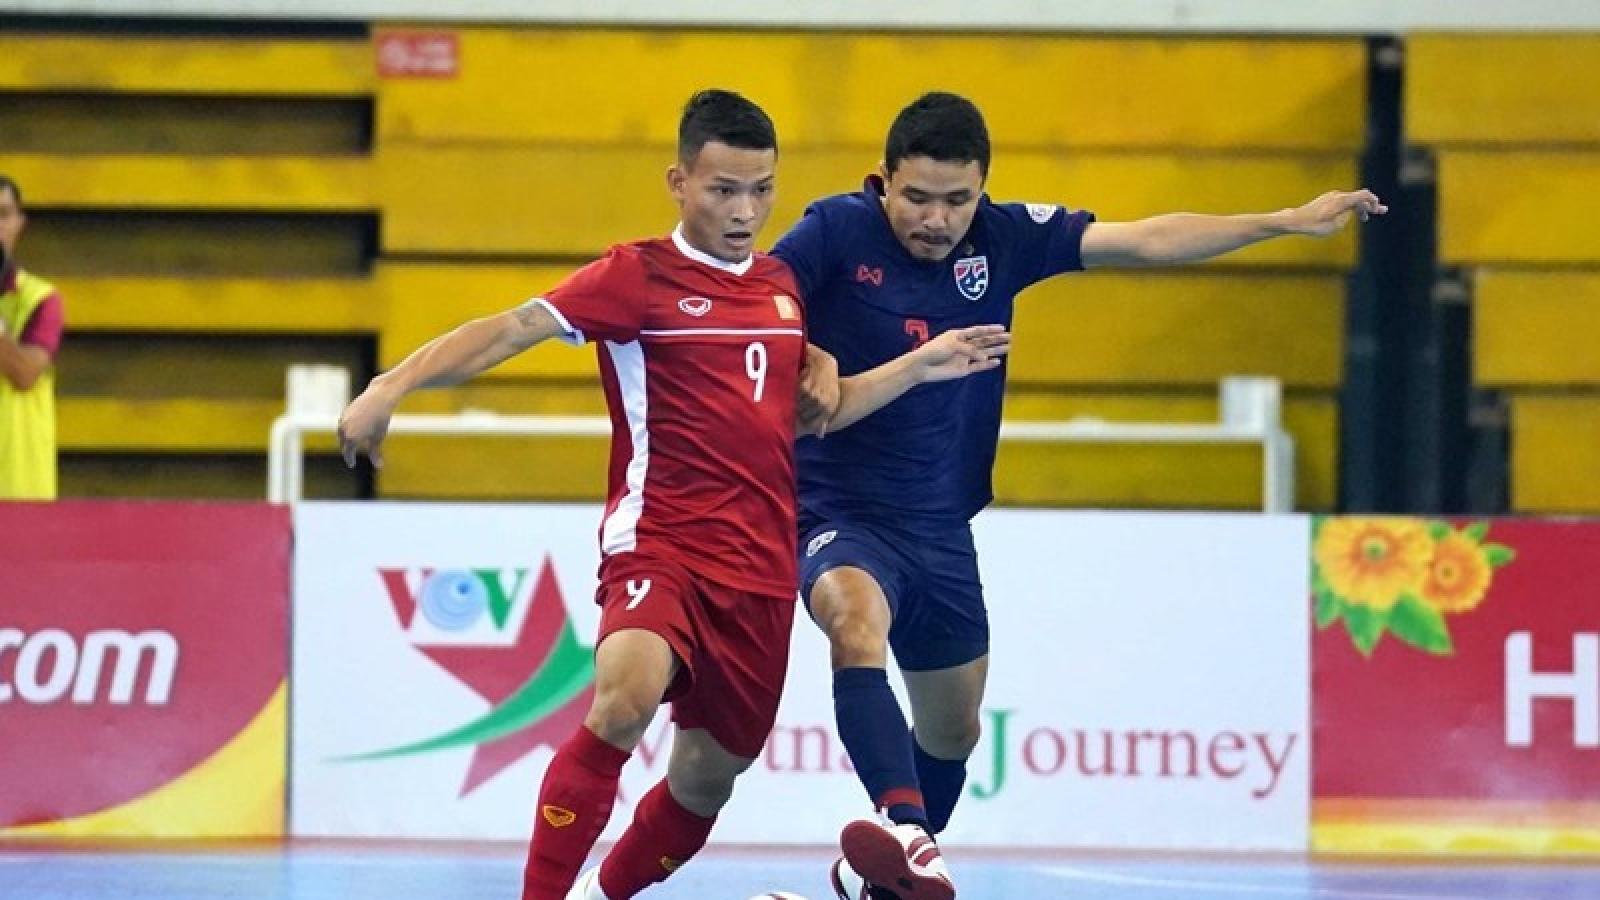 ĐT Việt Nam và ĐT Thái Lan thi đấu play-off tranh vé dự VCK FIFA Futsal World Cup 2021